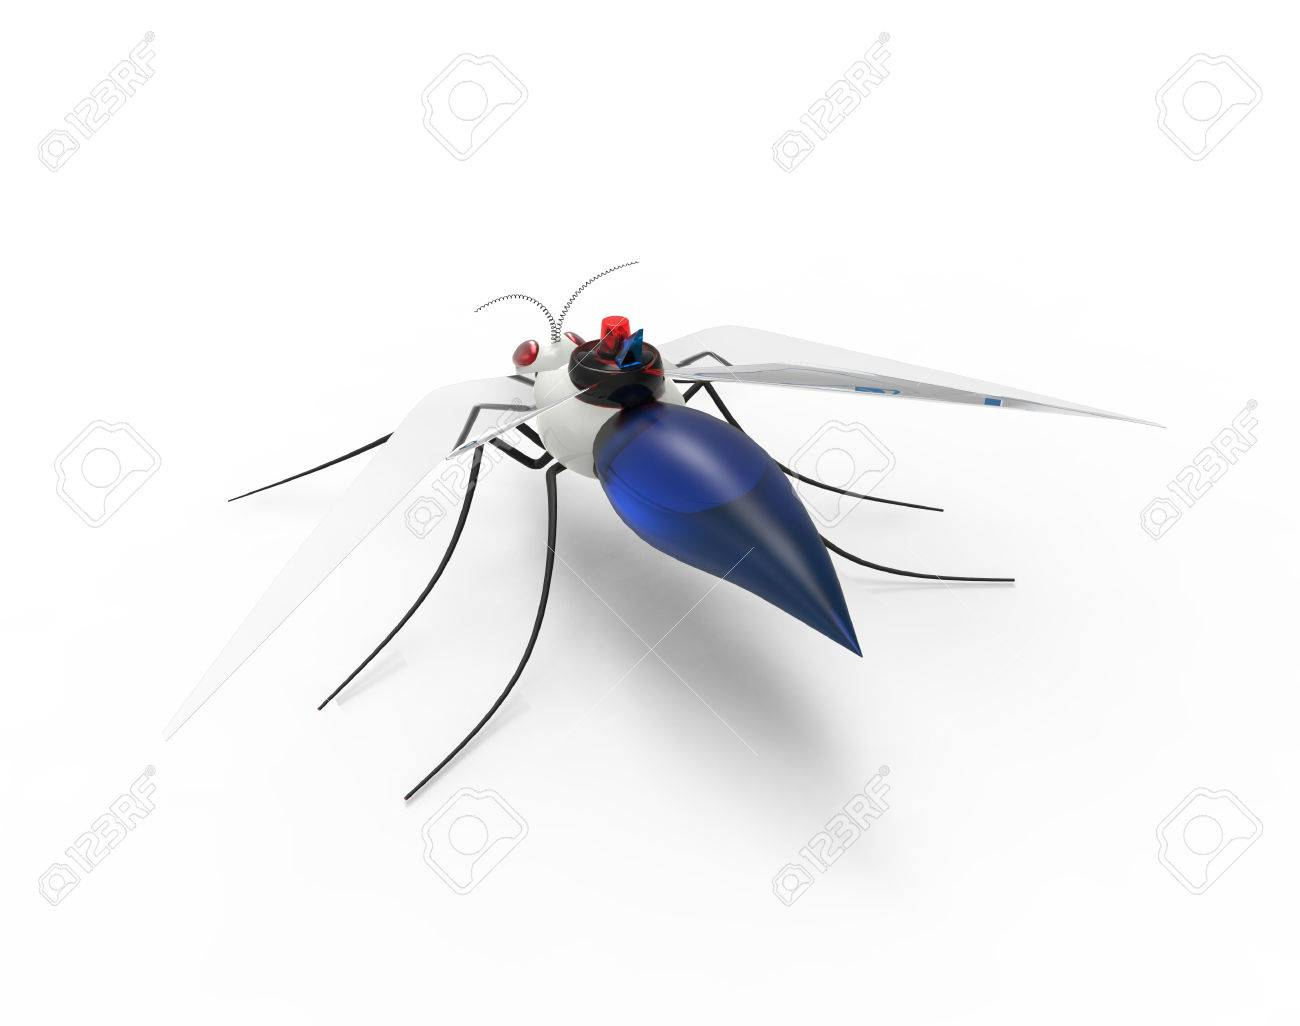 Futuristic Mosquito Nano Robots - 38517525